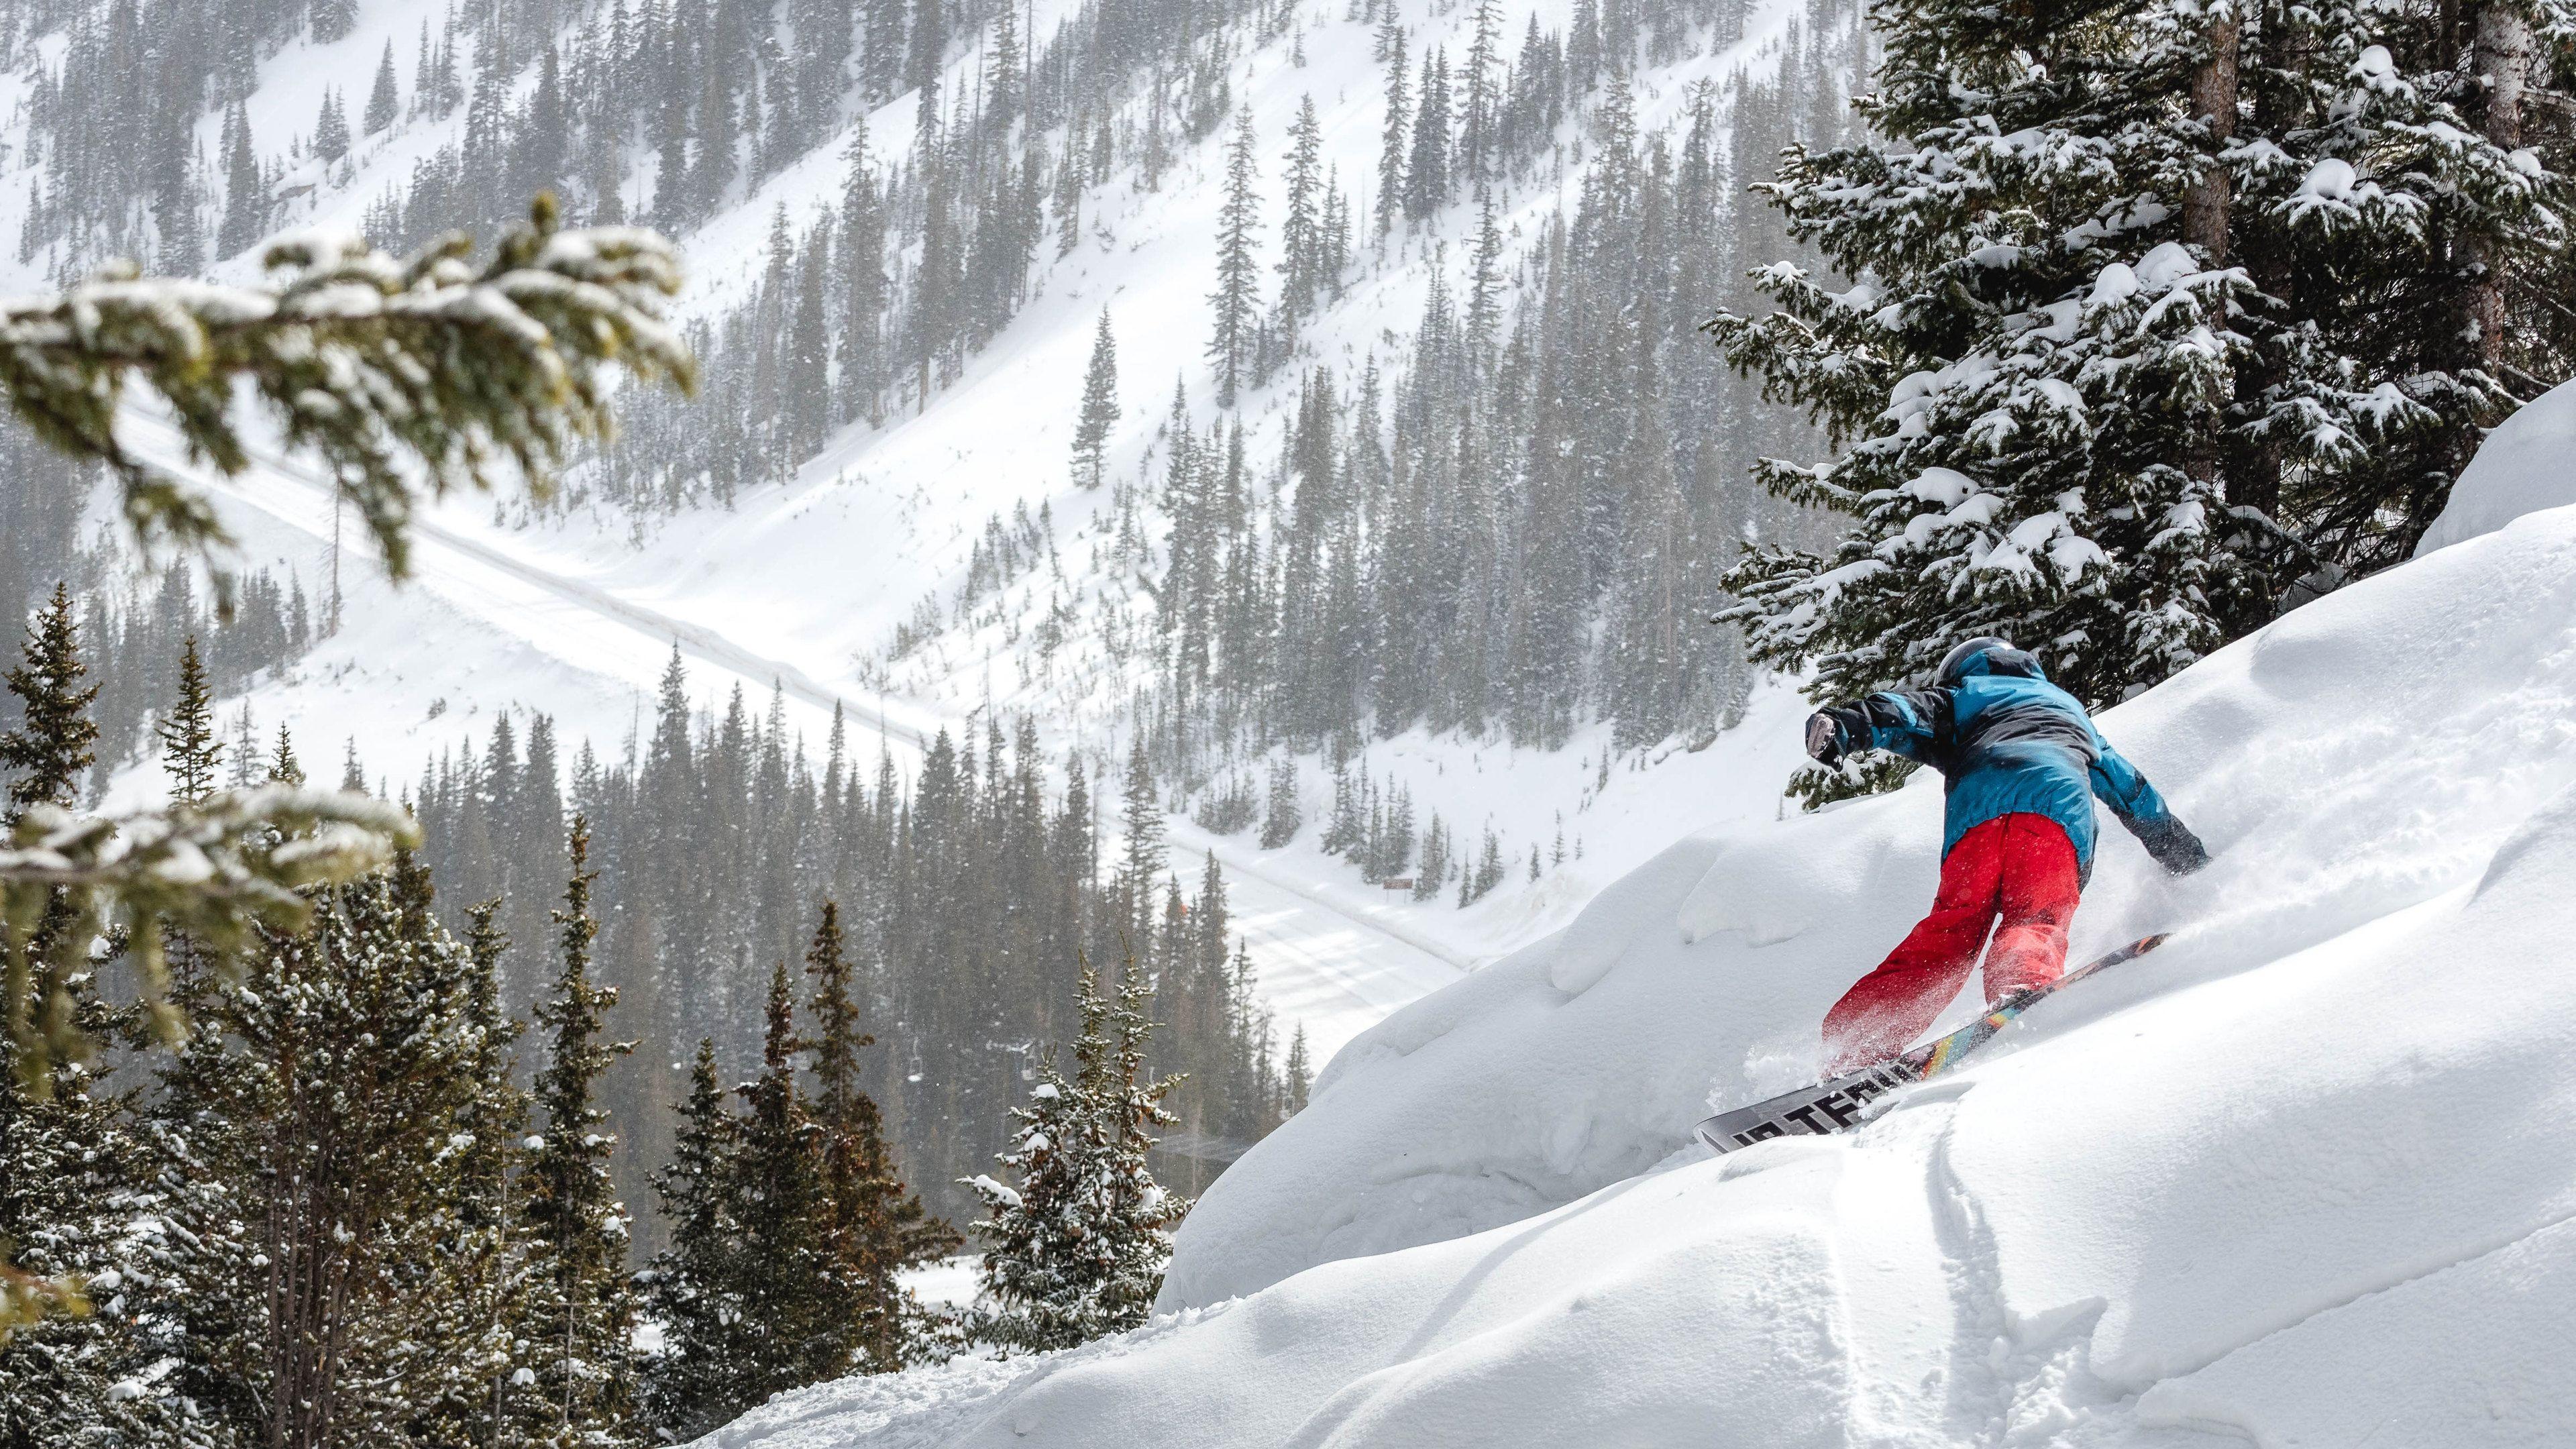 Snowboarder next to cliff